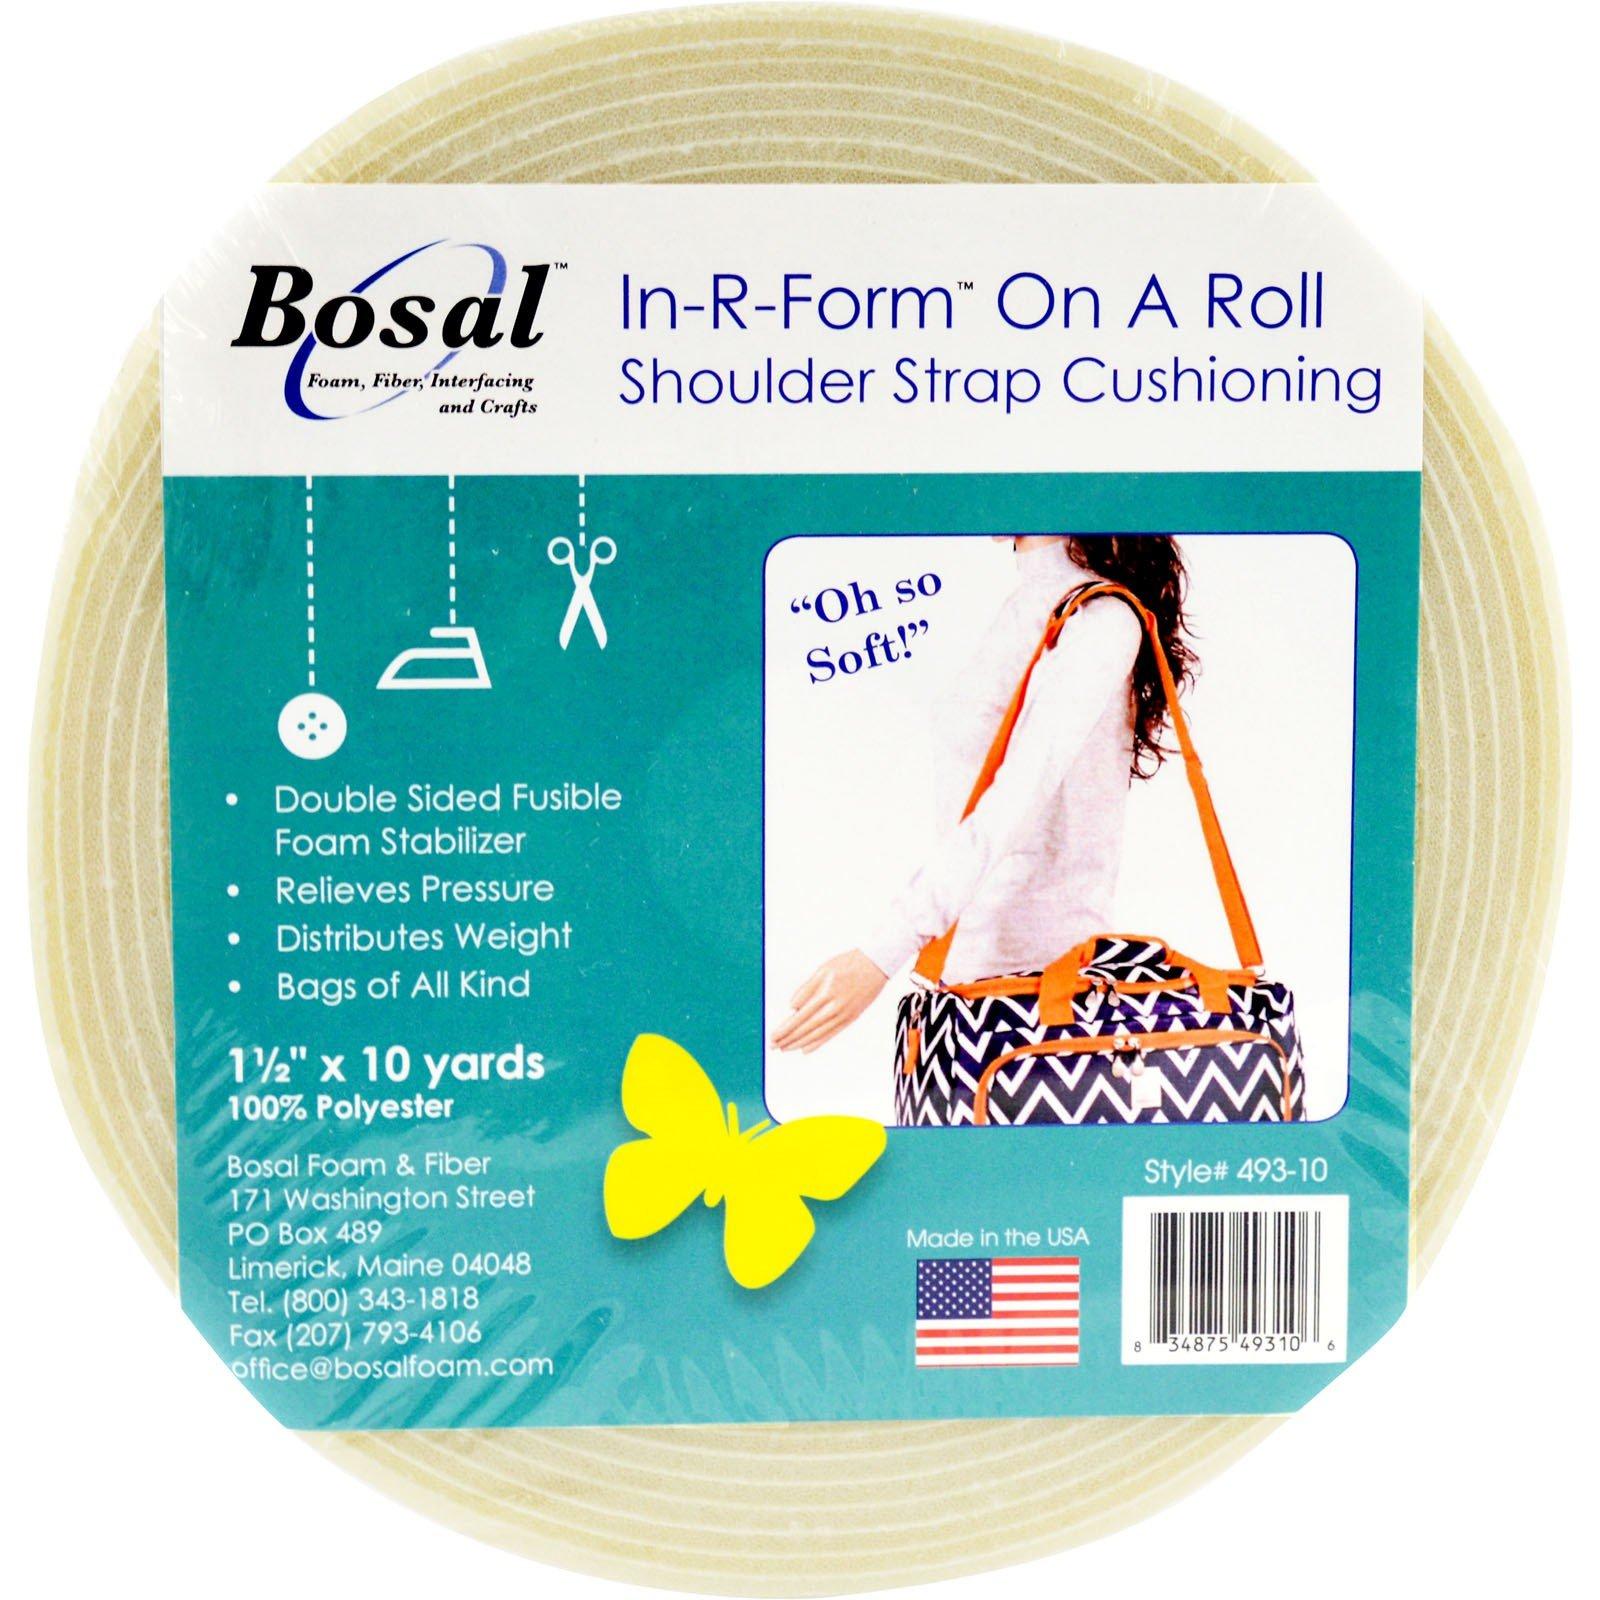 Bosal In-R-Form on a Roll Shoulder Strap Cushioning